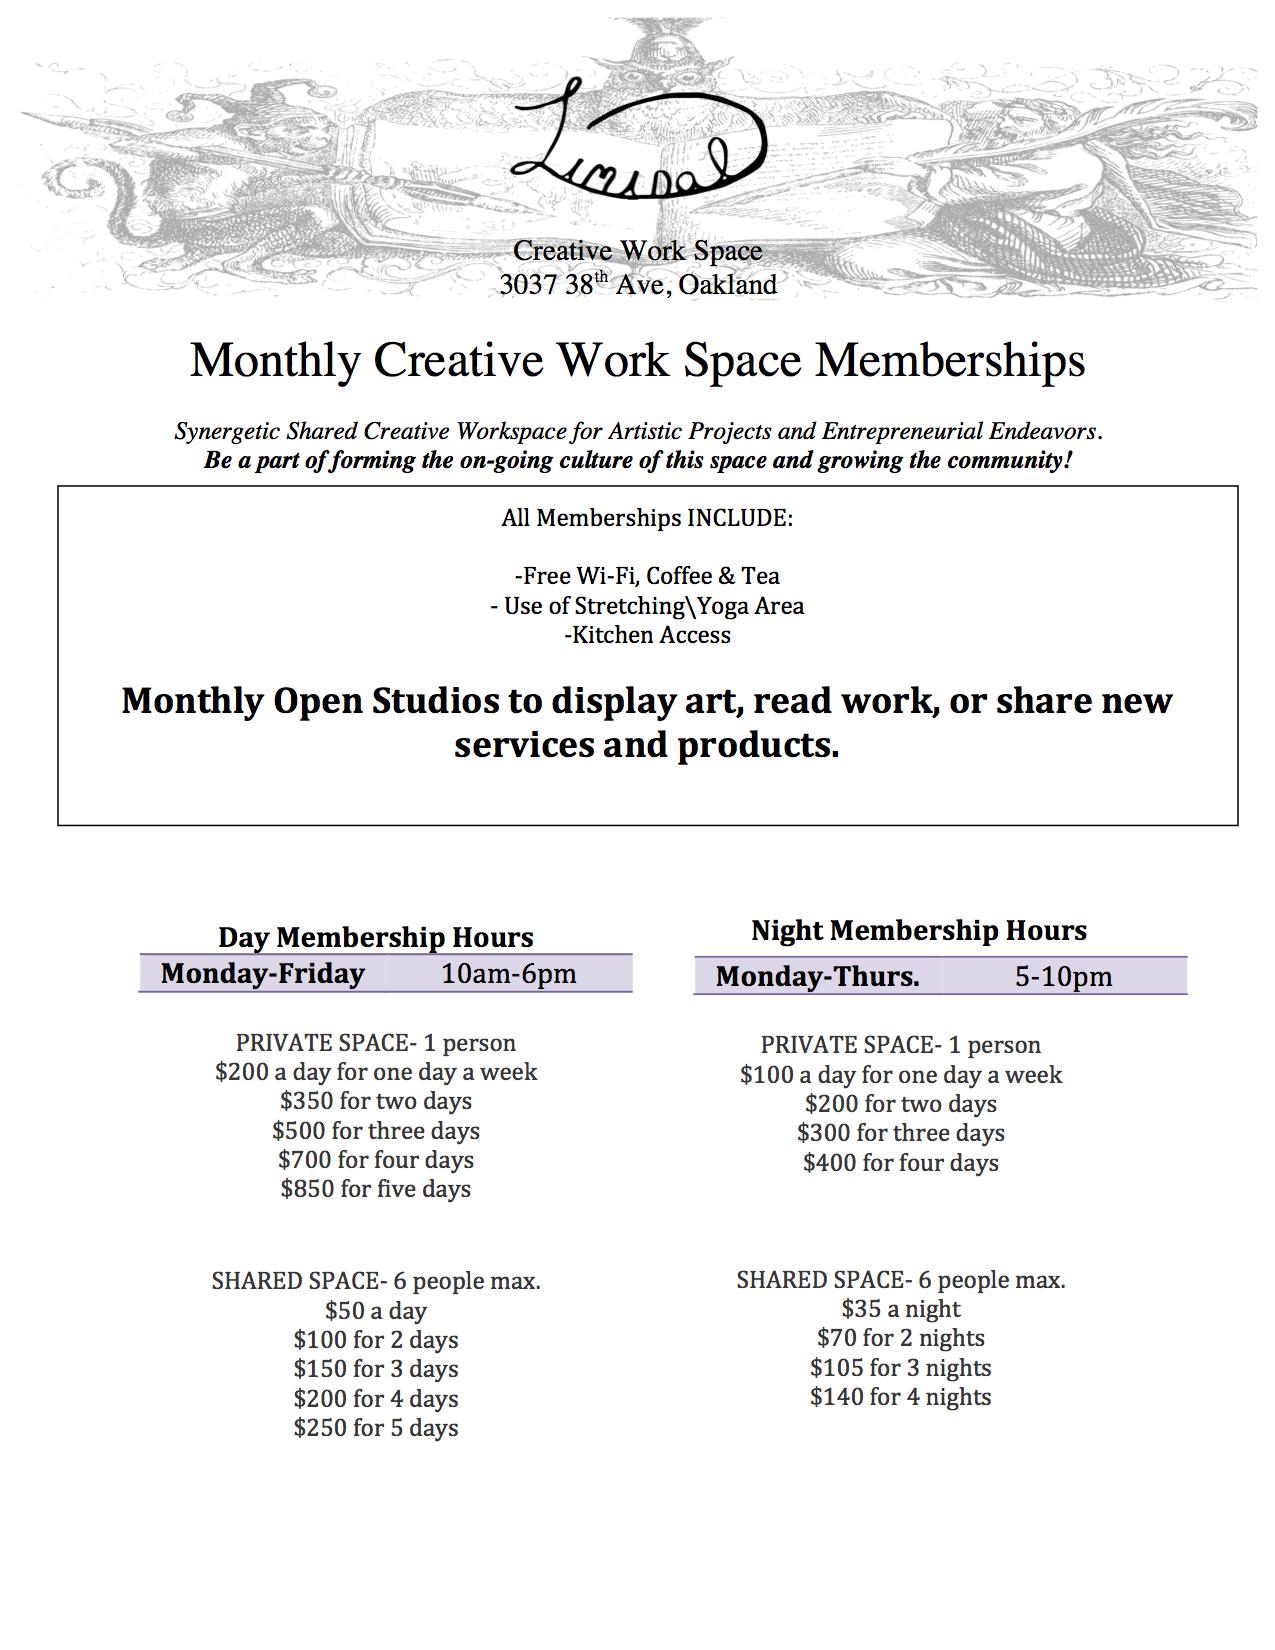 creative work space memberships May 2019.jpg